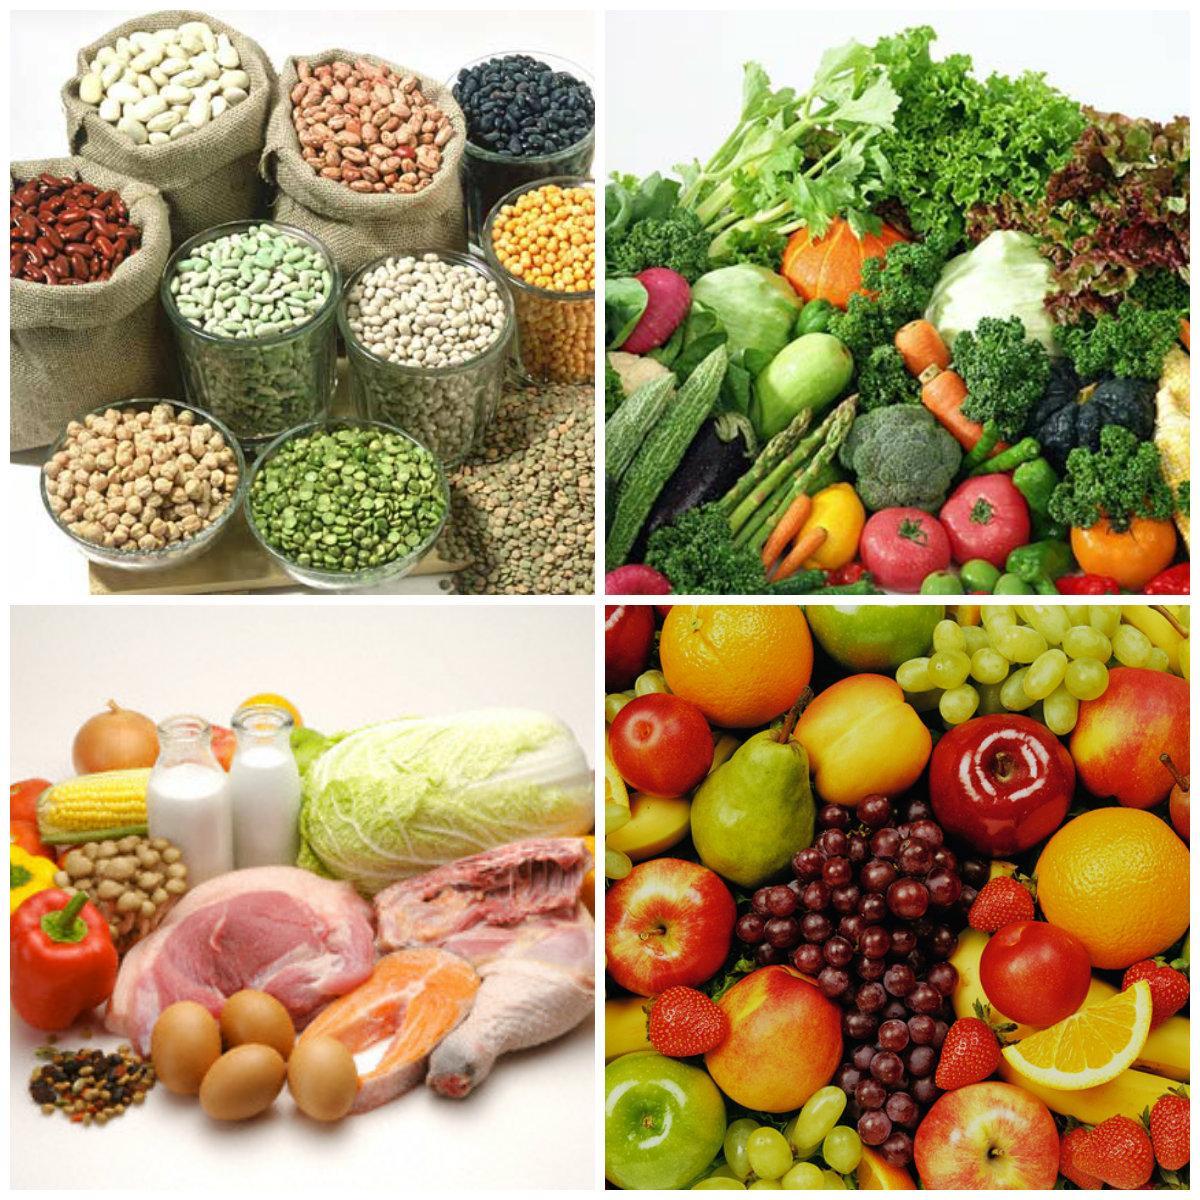 Những loại thực phẩm bổ sung dinh dưỡng cho bà bầu tháng thứ 4